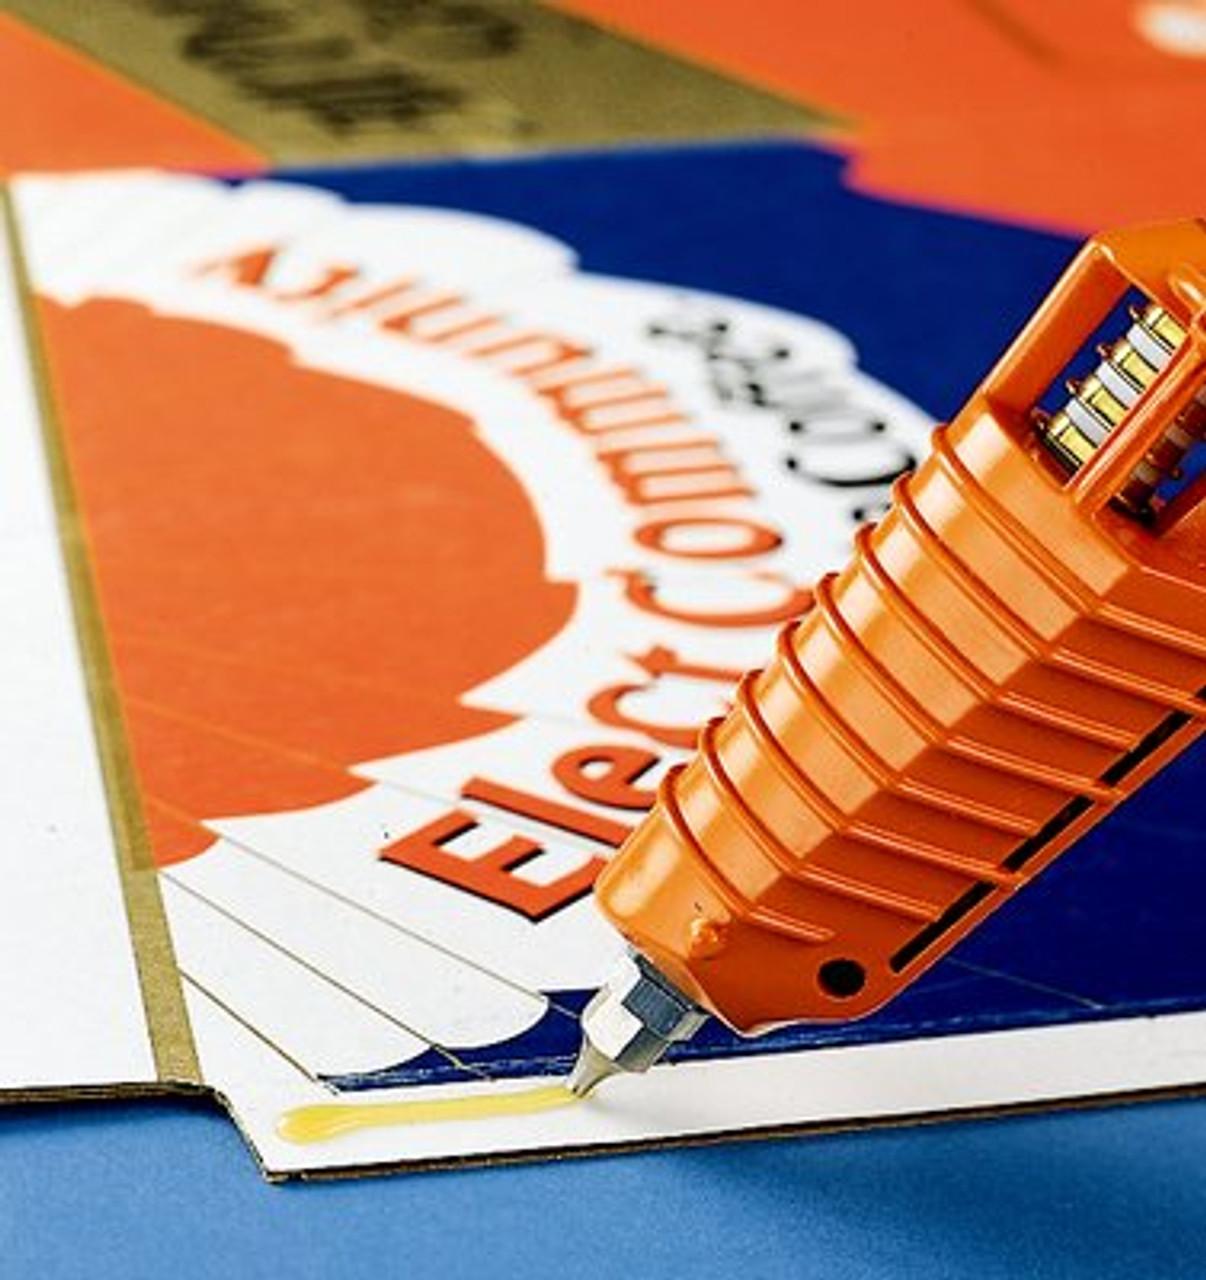 3M™ Scotch-Weld™ Hot Melt Adhesive 3762 TC Tan, 5/8 in x 2 in